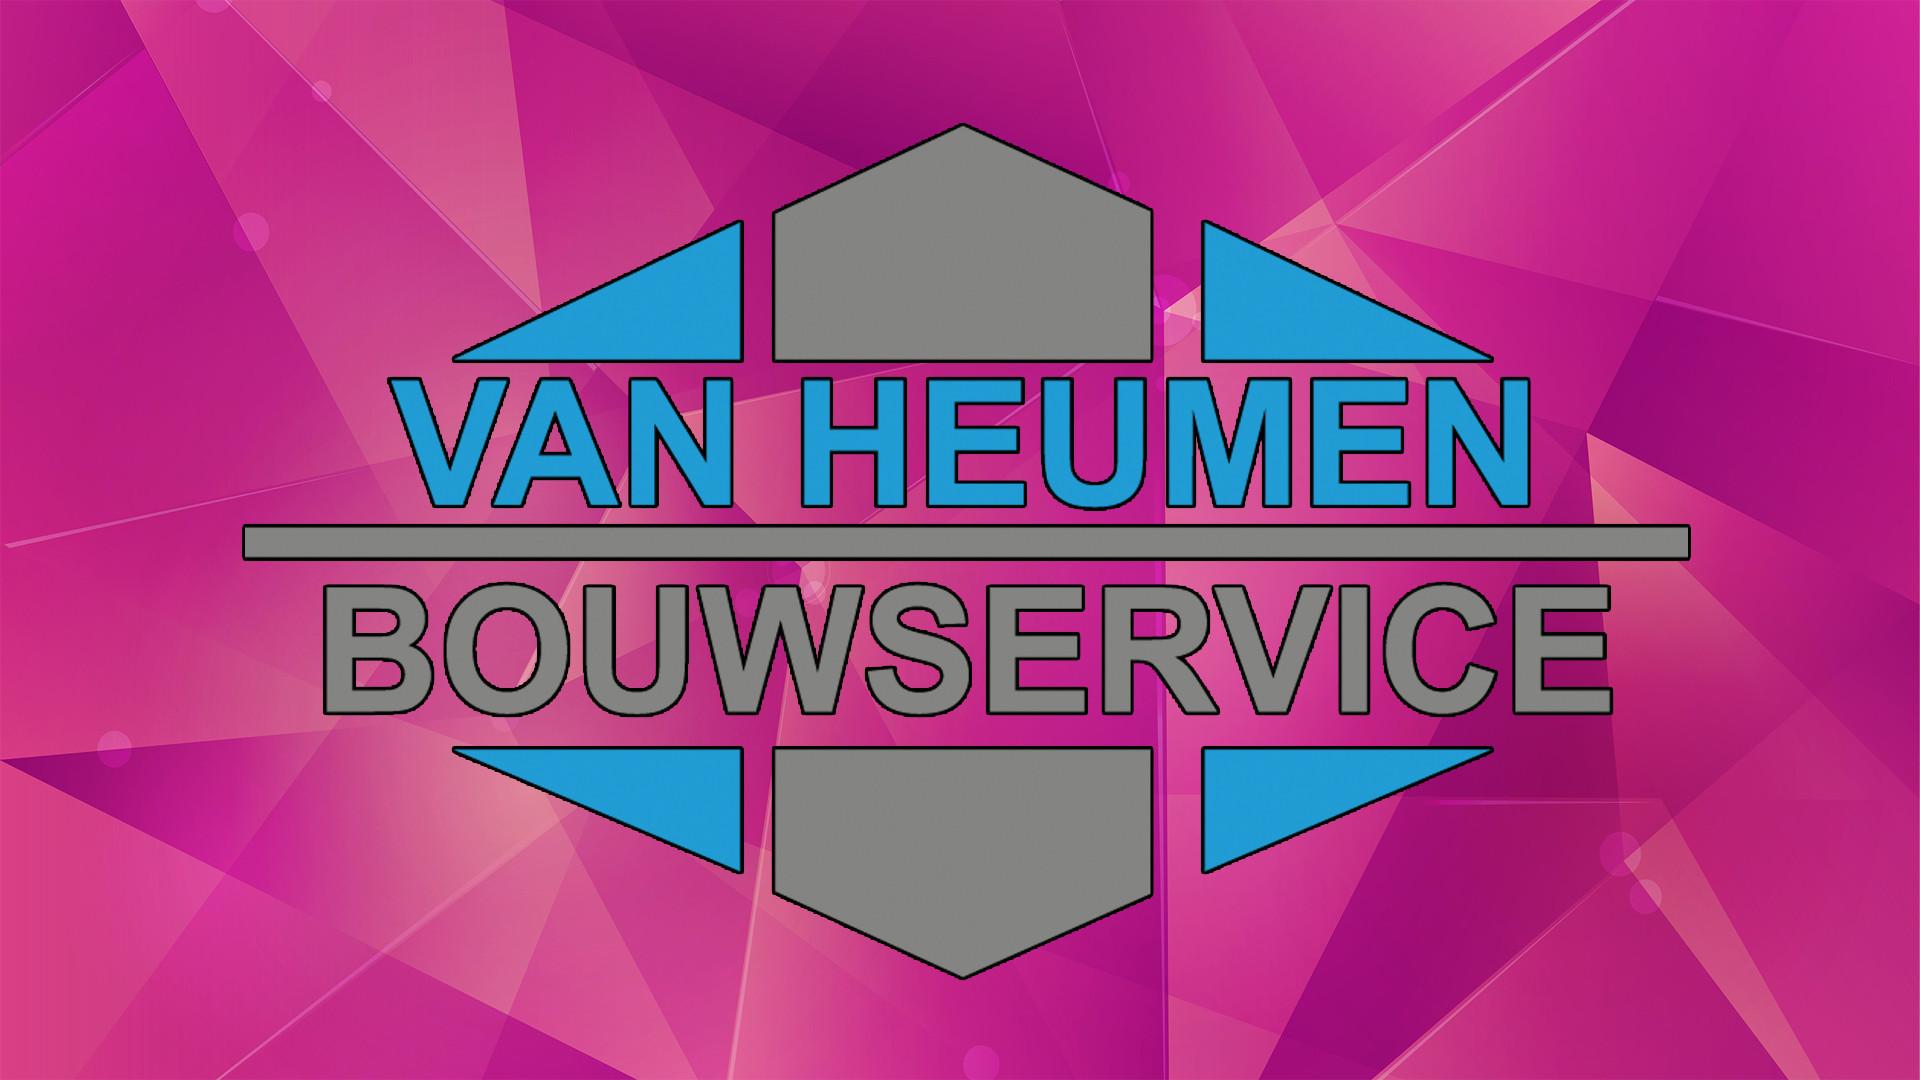 Van Heumen Bouwservice